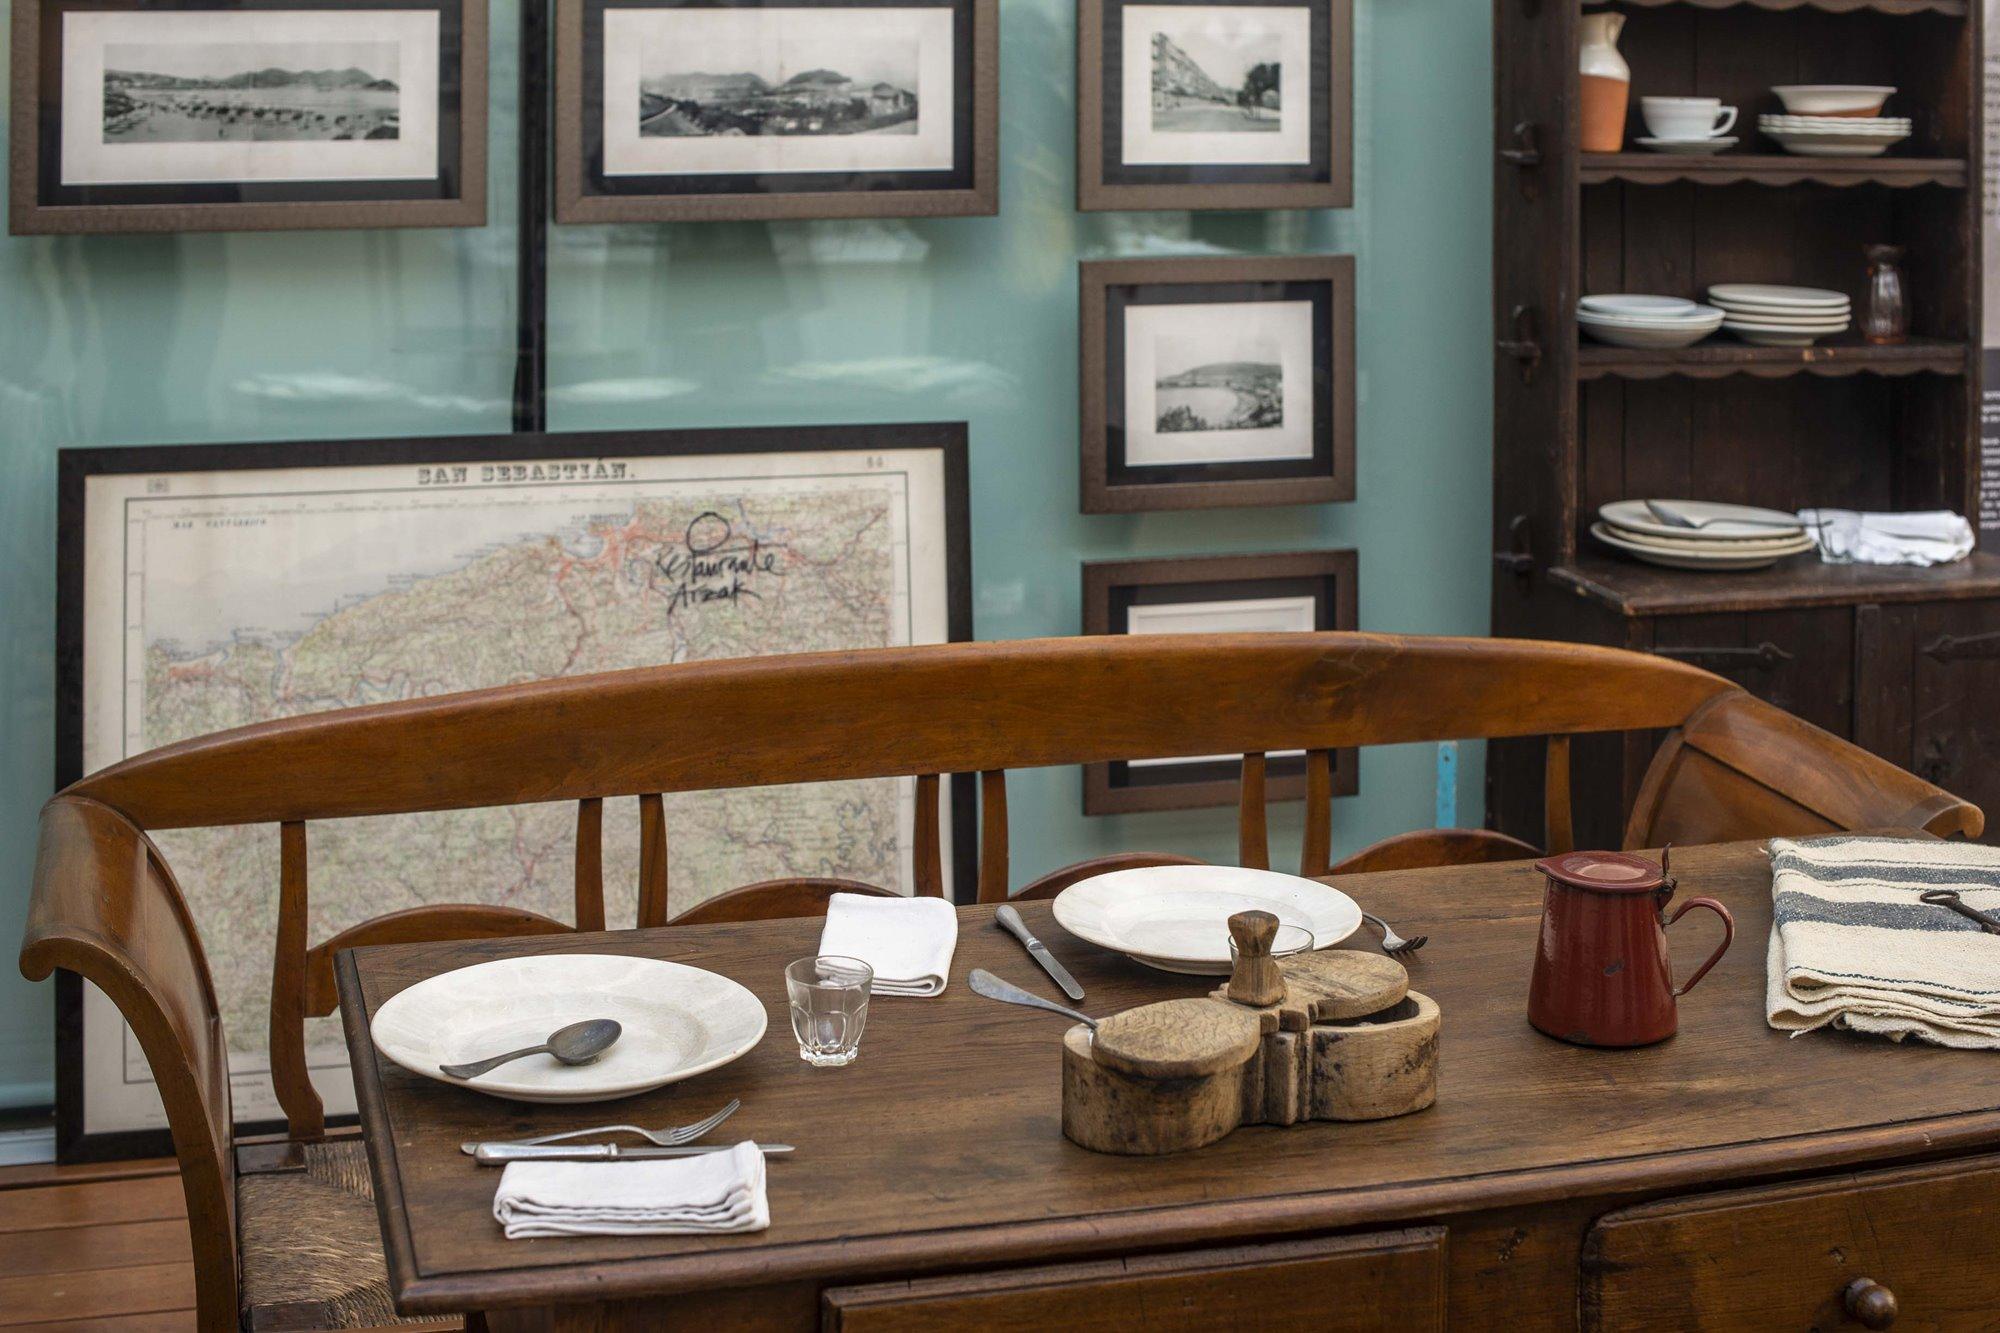 La mesa de la amona (abuela), que regentaba una taberna de vinos en la misma casa en la que se ubica el restaurante.